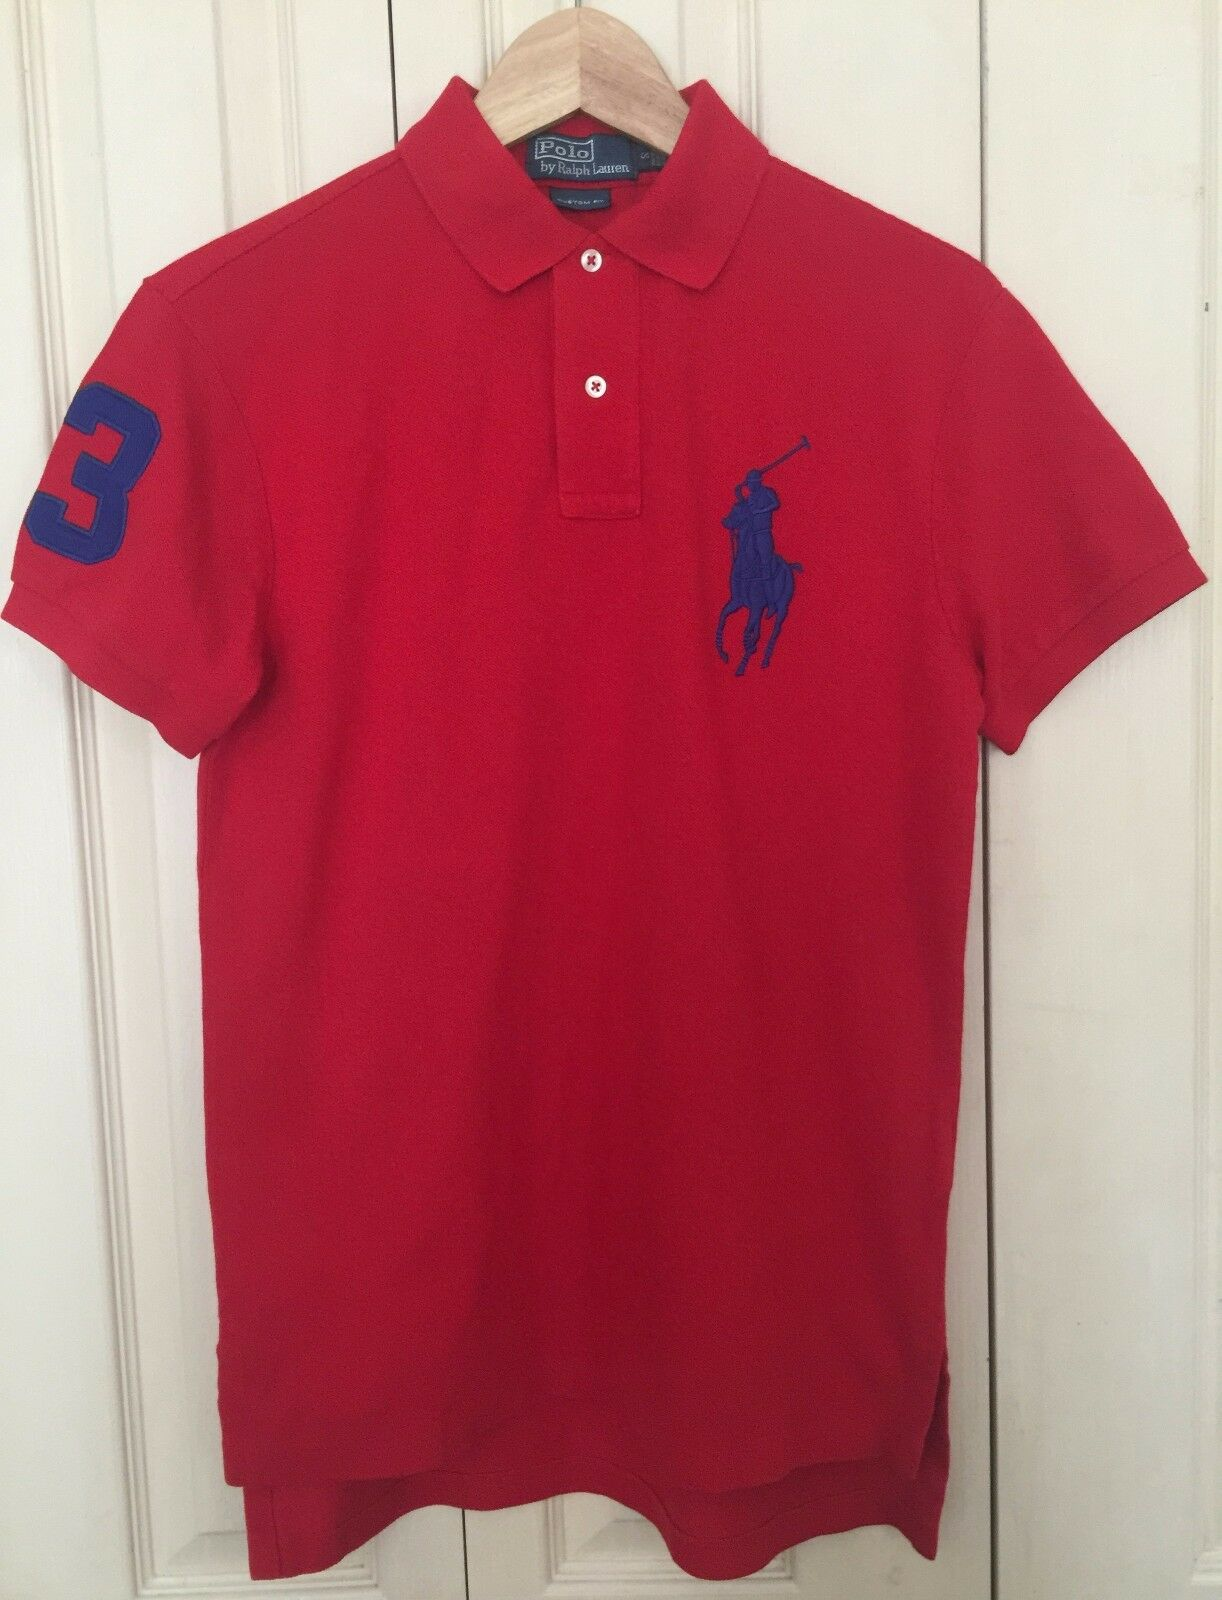 BNWT Polo Ralph Lauren Uomo Custom Fit rosso Manica Corta Camicia S 100% COTONE